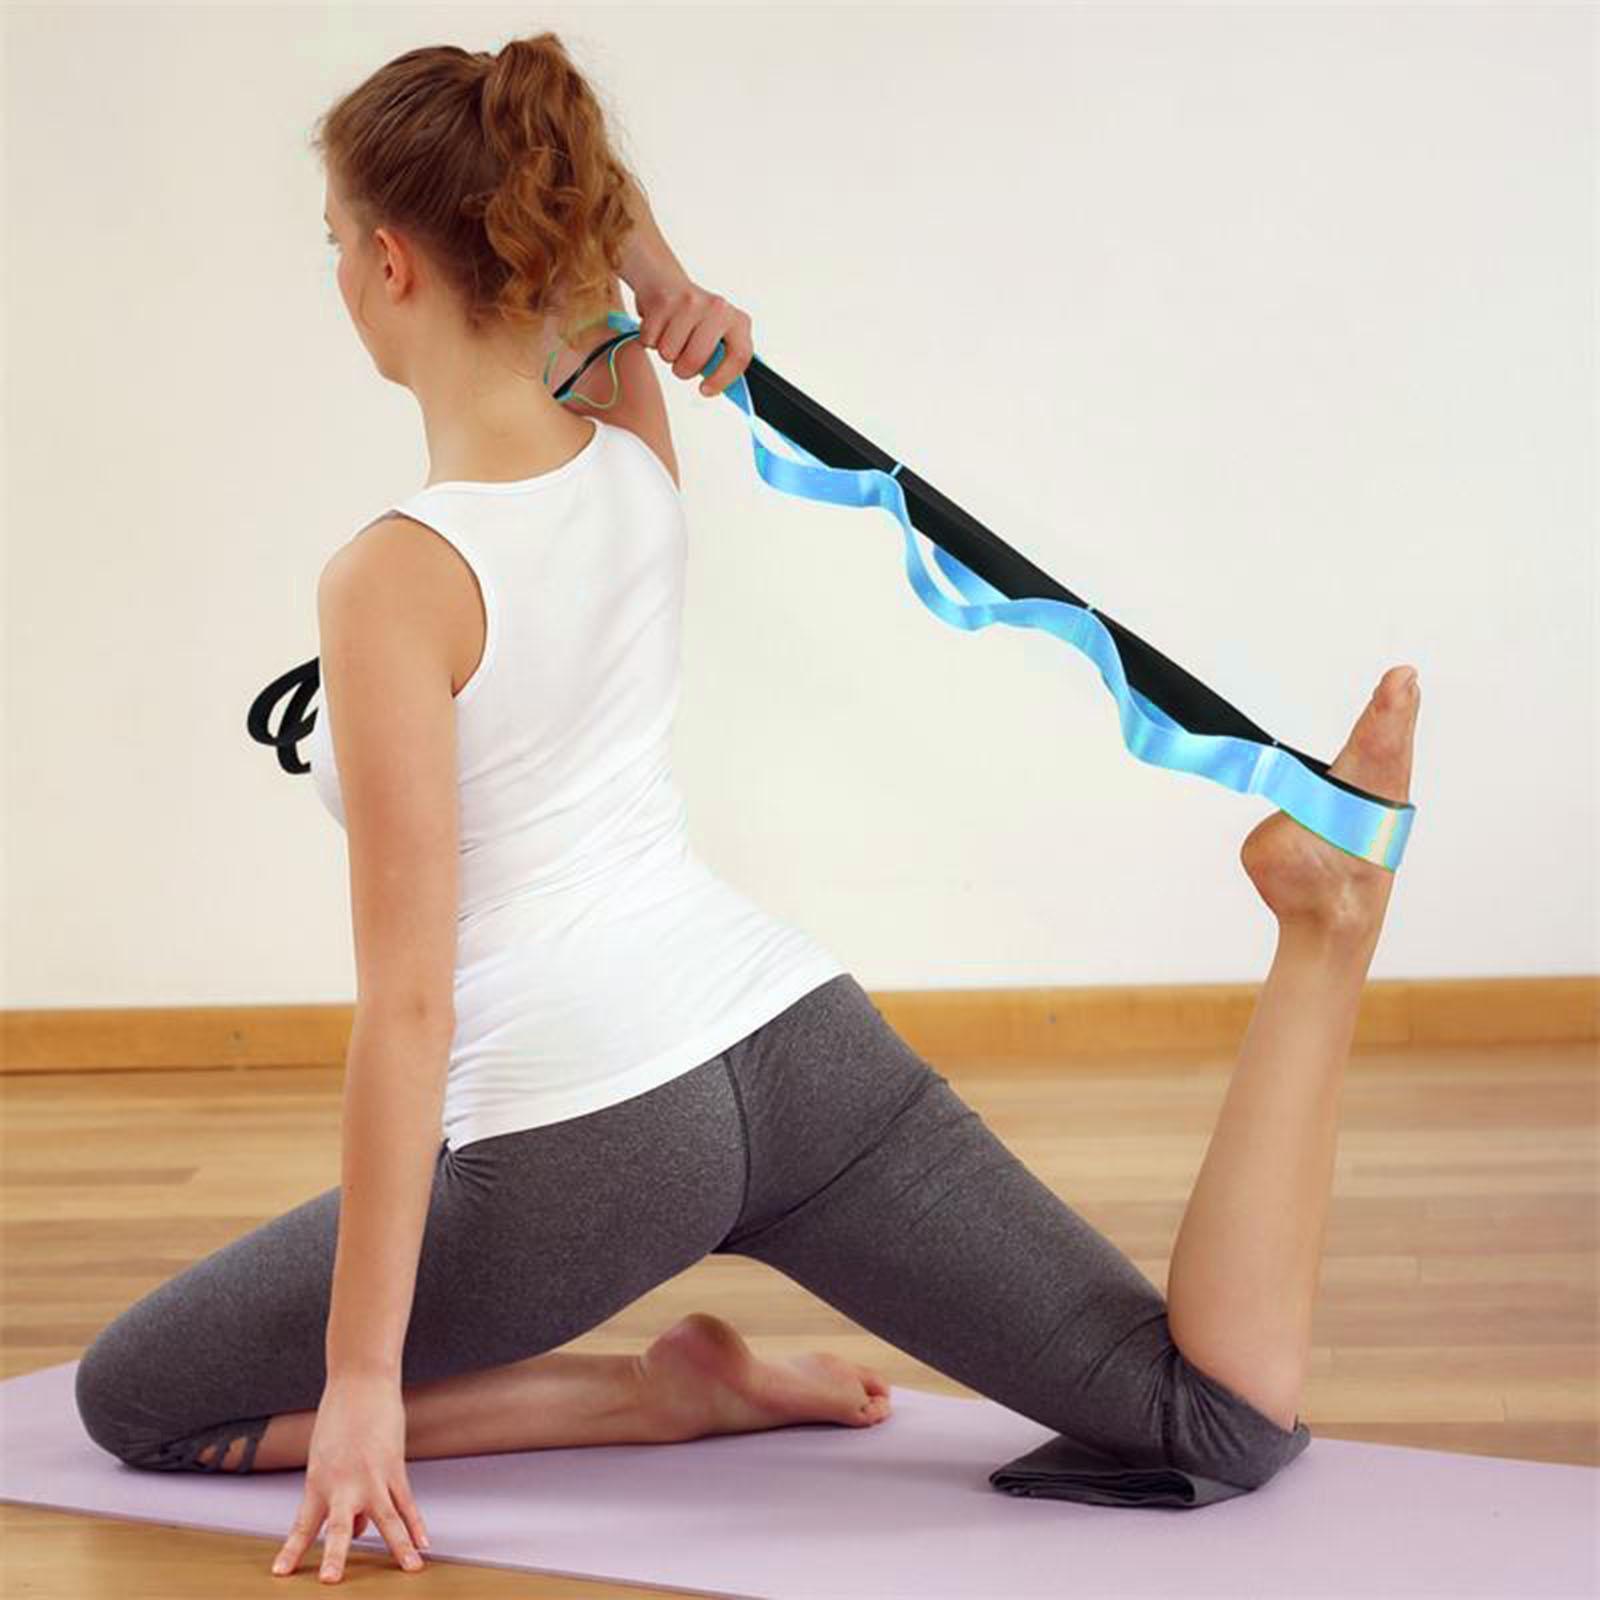 miniatura 8 - Pierna camilla yoga Stretch Strap Latin Dance Gymnastic pull cinturón flexibilidad